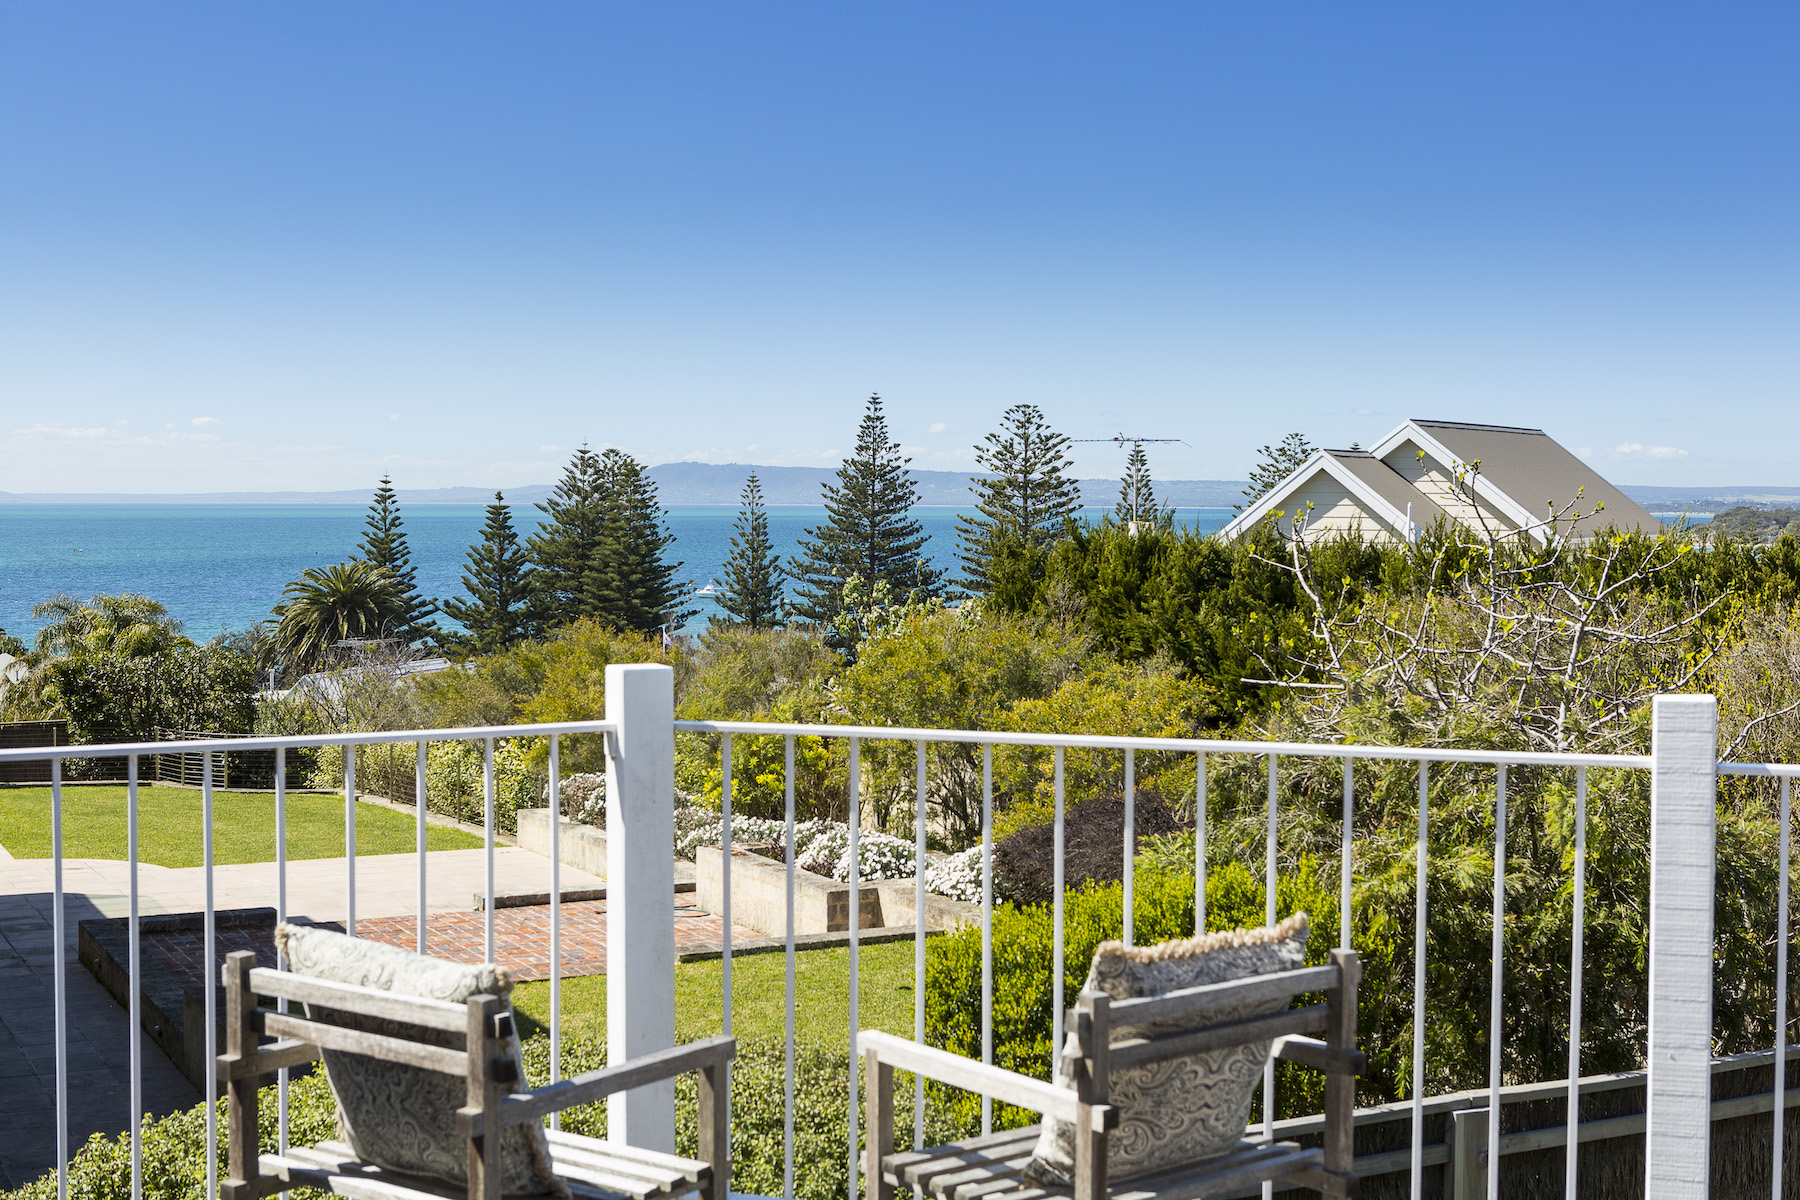 Частный односемейный дом для того Продажа на 13 Cooper Grove, Sorrento Sorrento, Victoria, 3943 Австралия